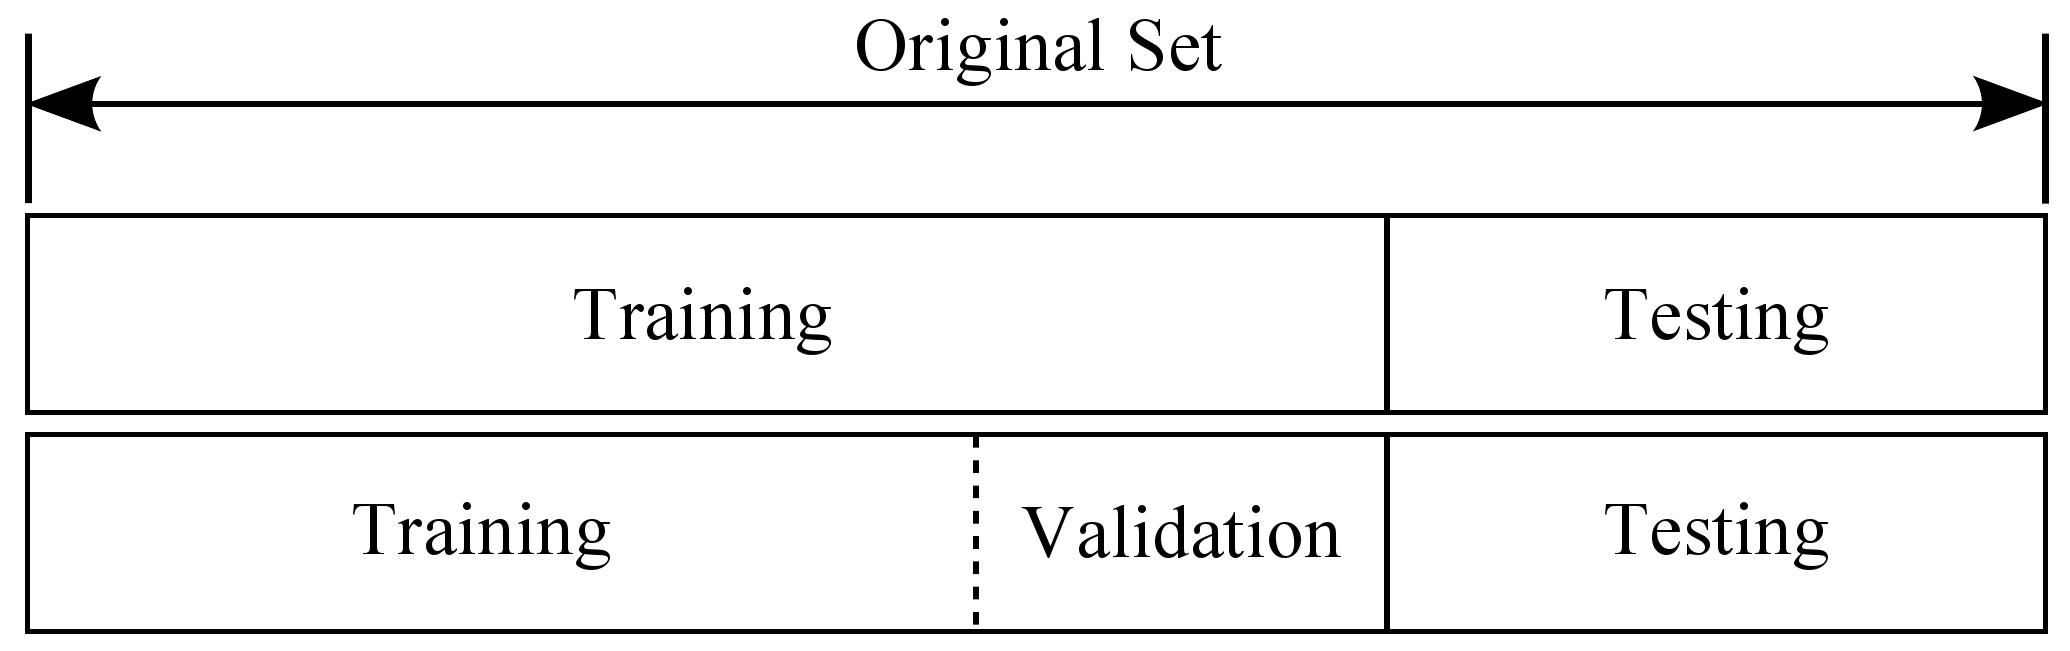 validation-set